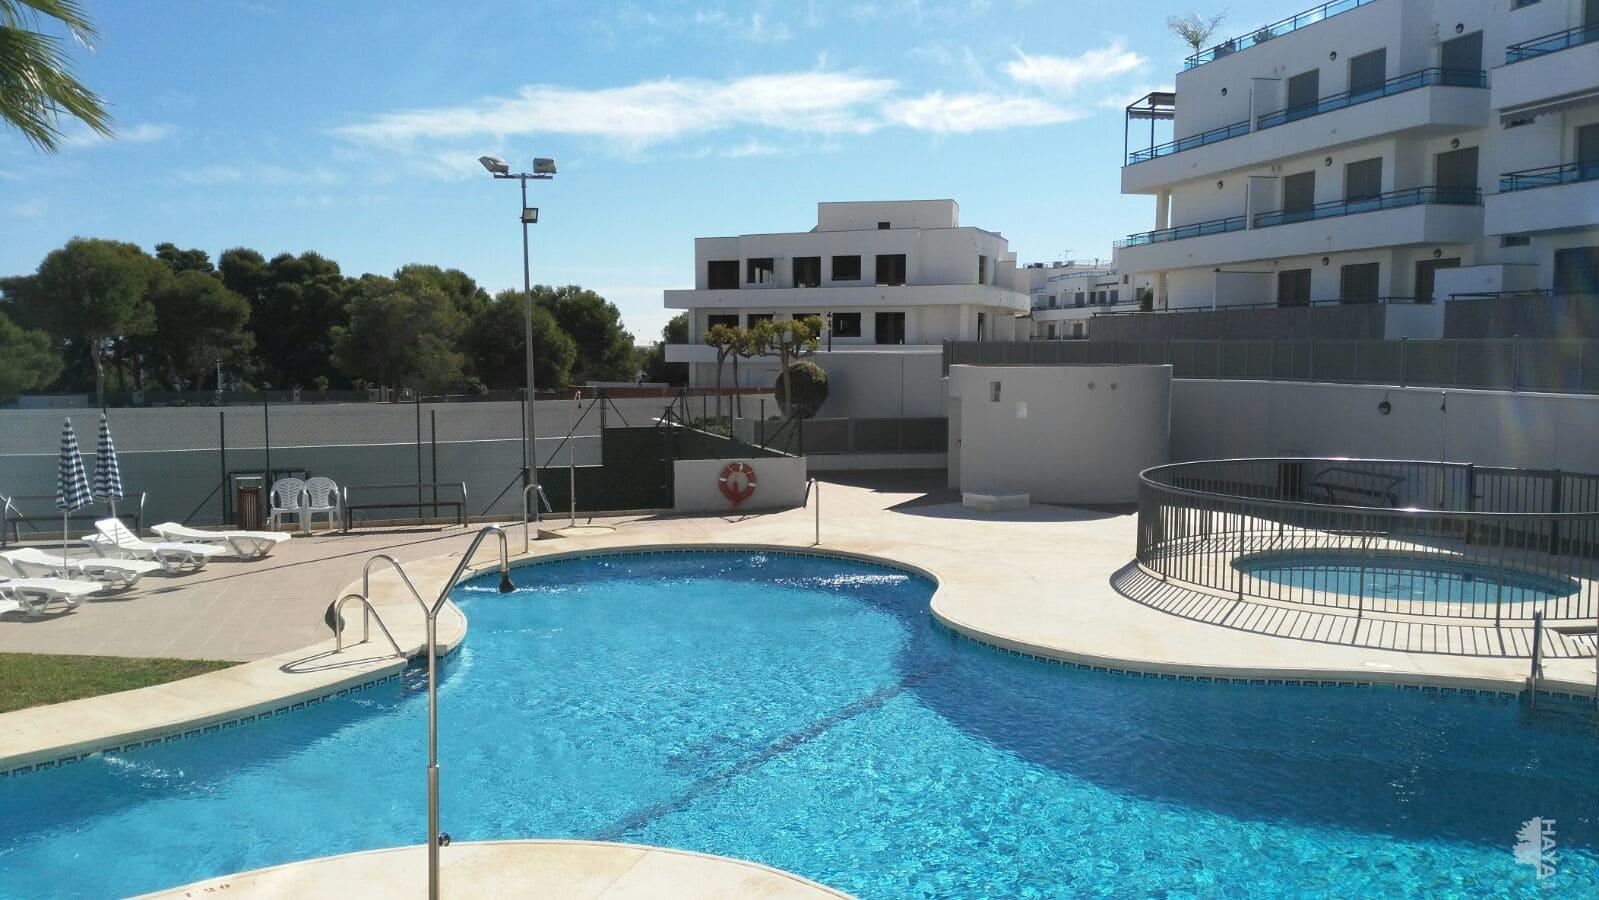 Piso en venta en Garrucha, Garrucha, Almería, Calle Murillo, 91.100 €, 2 habitaciones, 2 baños, 77 m2